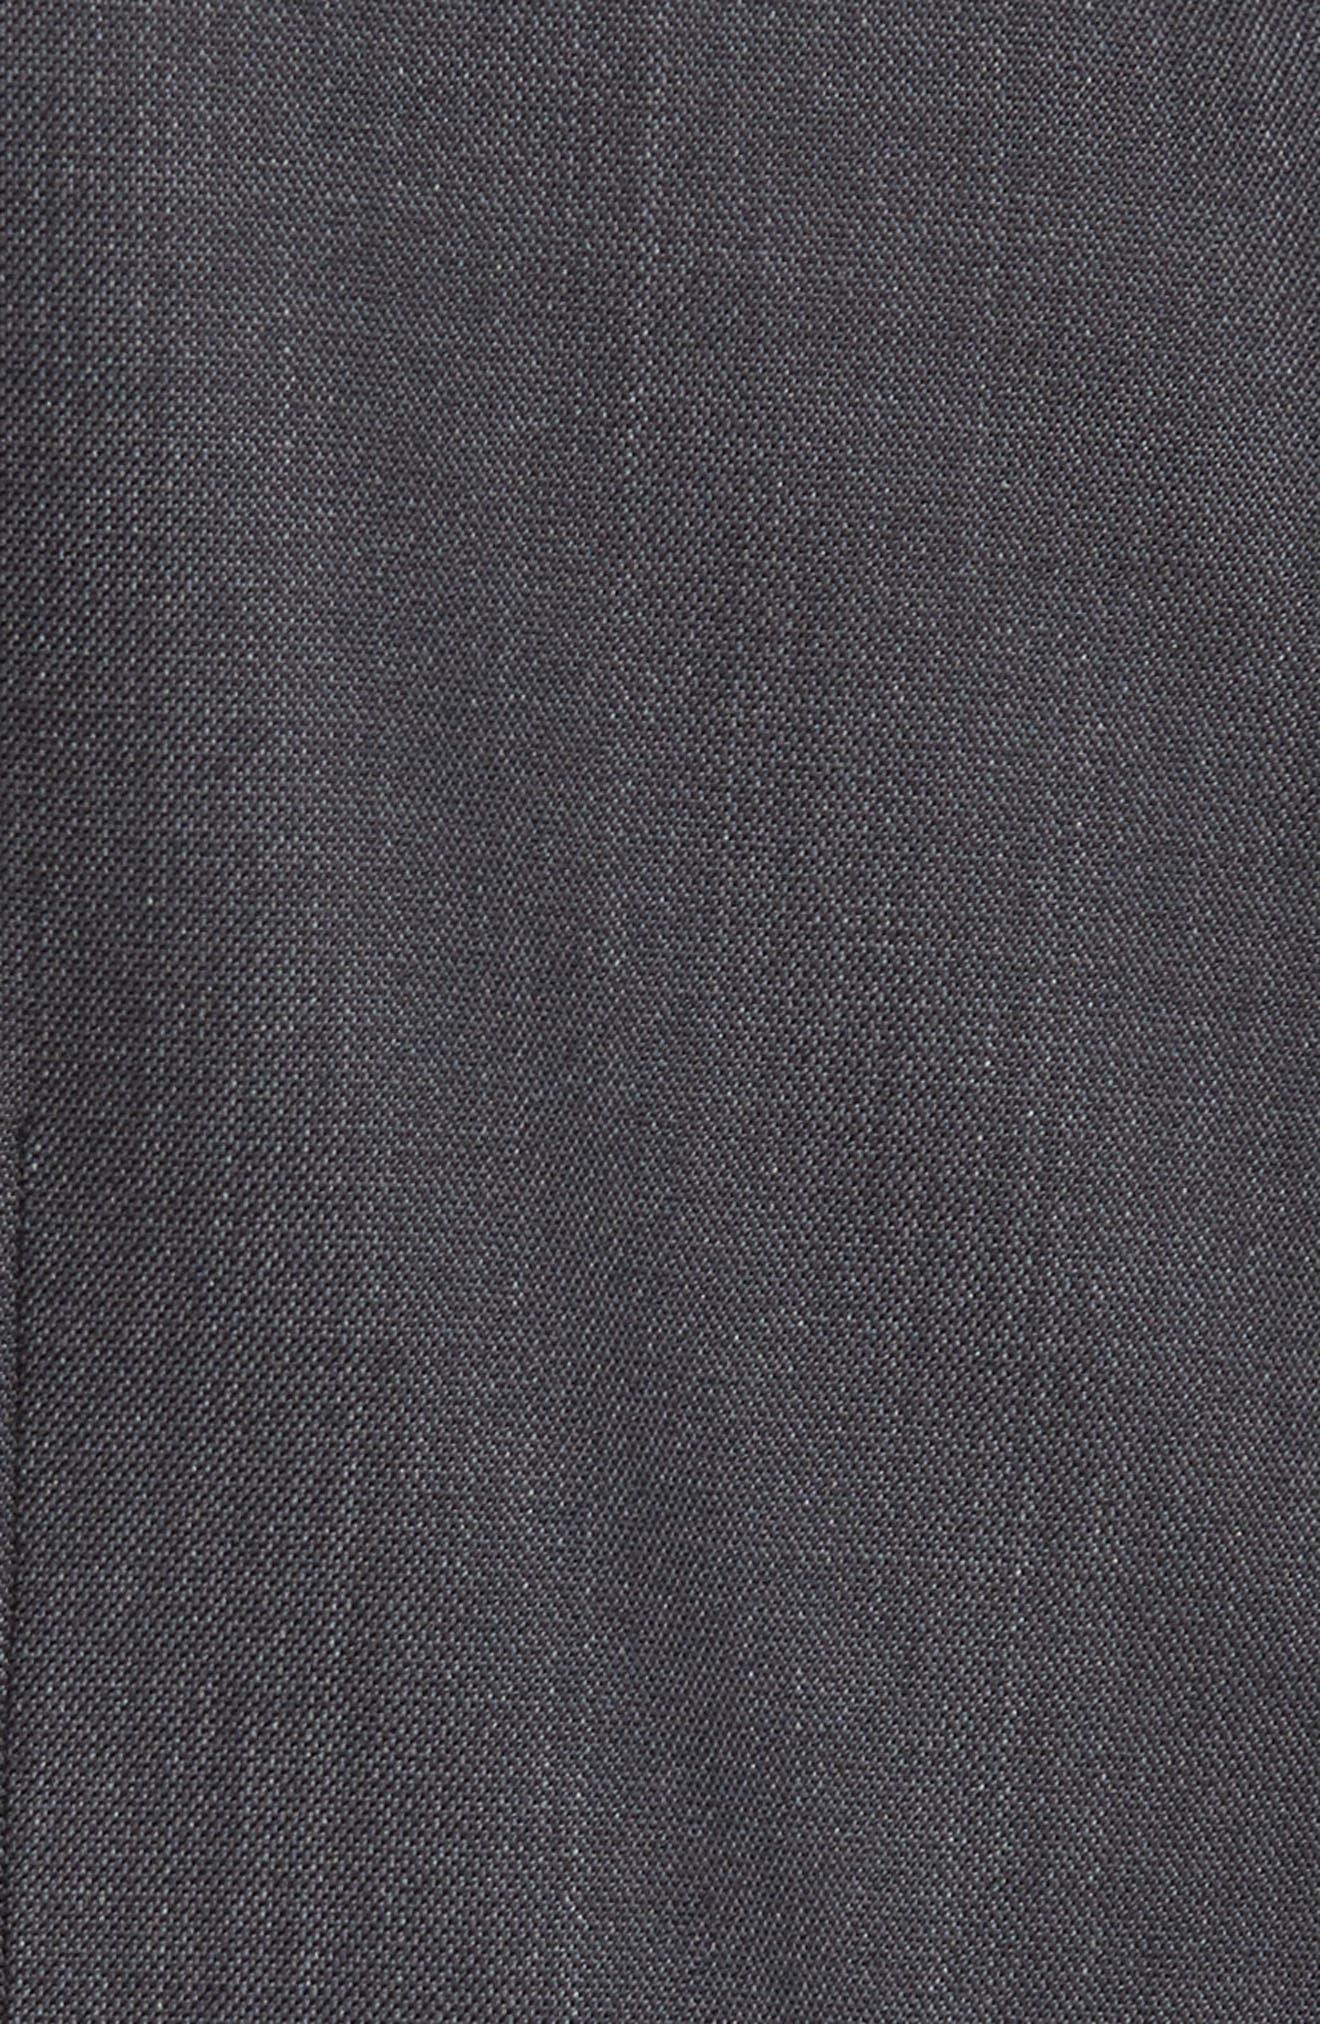 Jones Trim Fit Wool Vest,                             Alternate thumbnail 22, color,